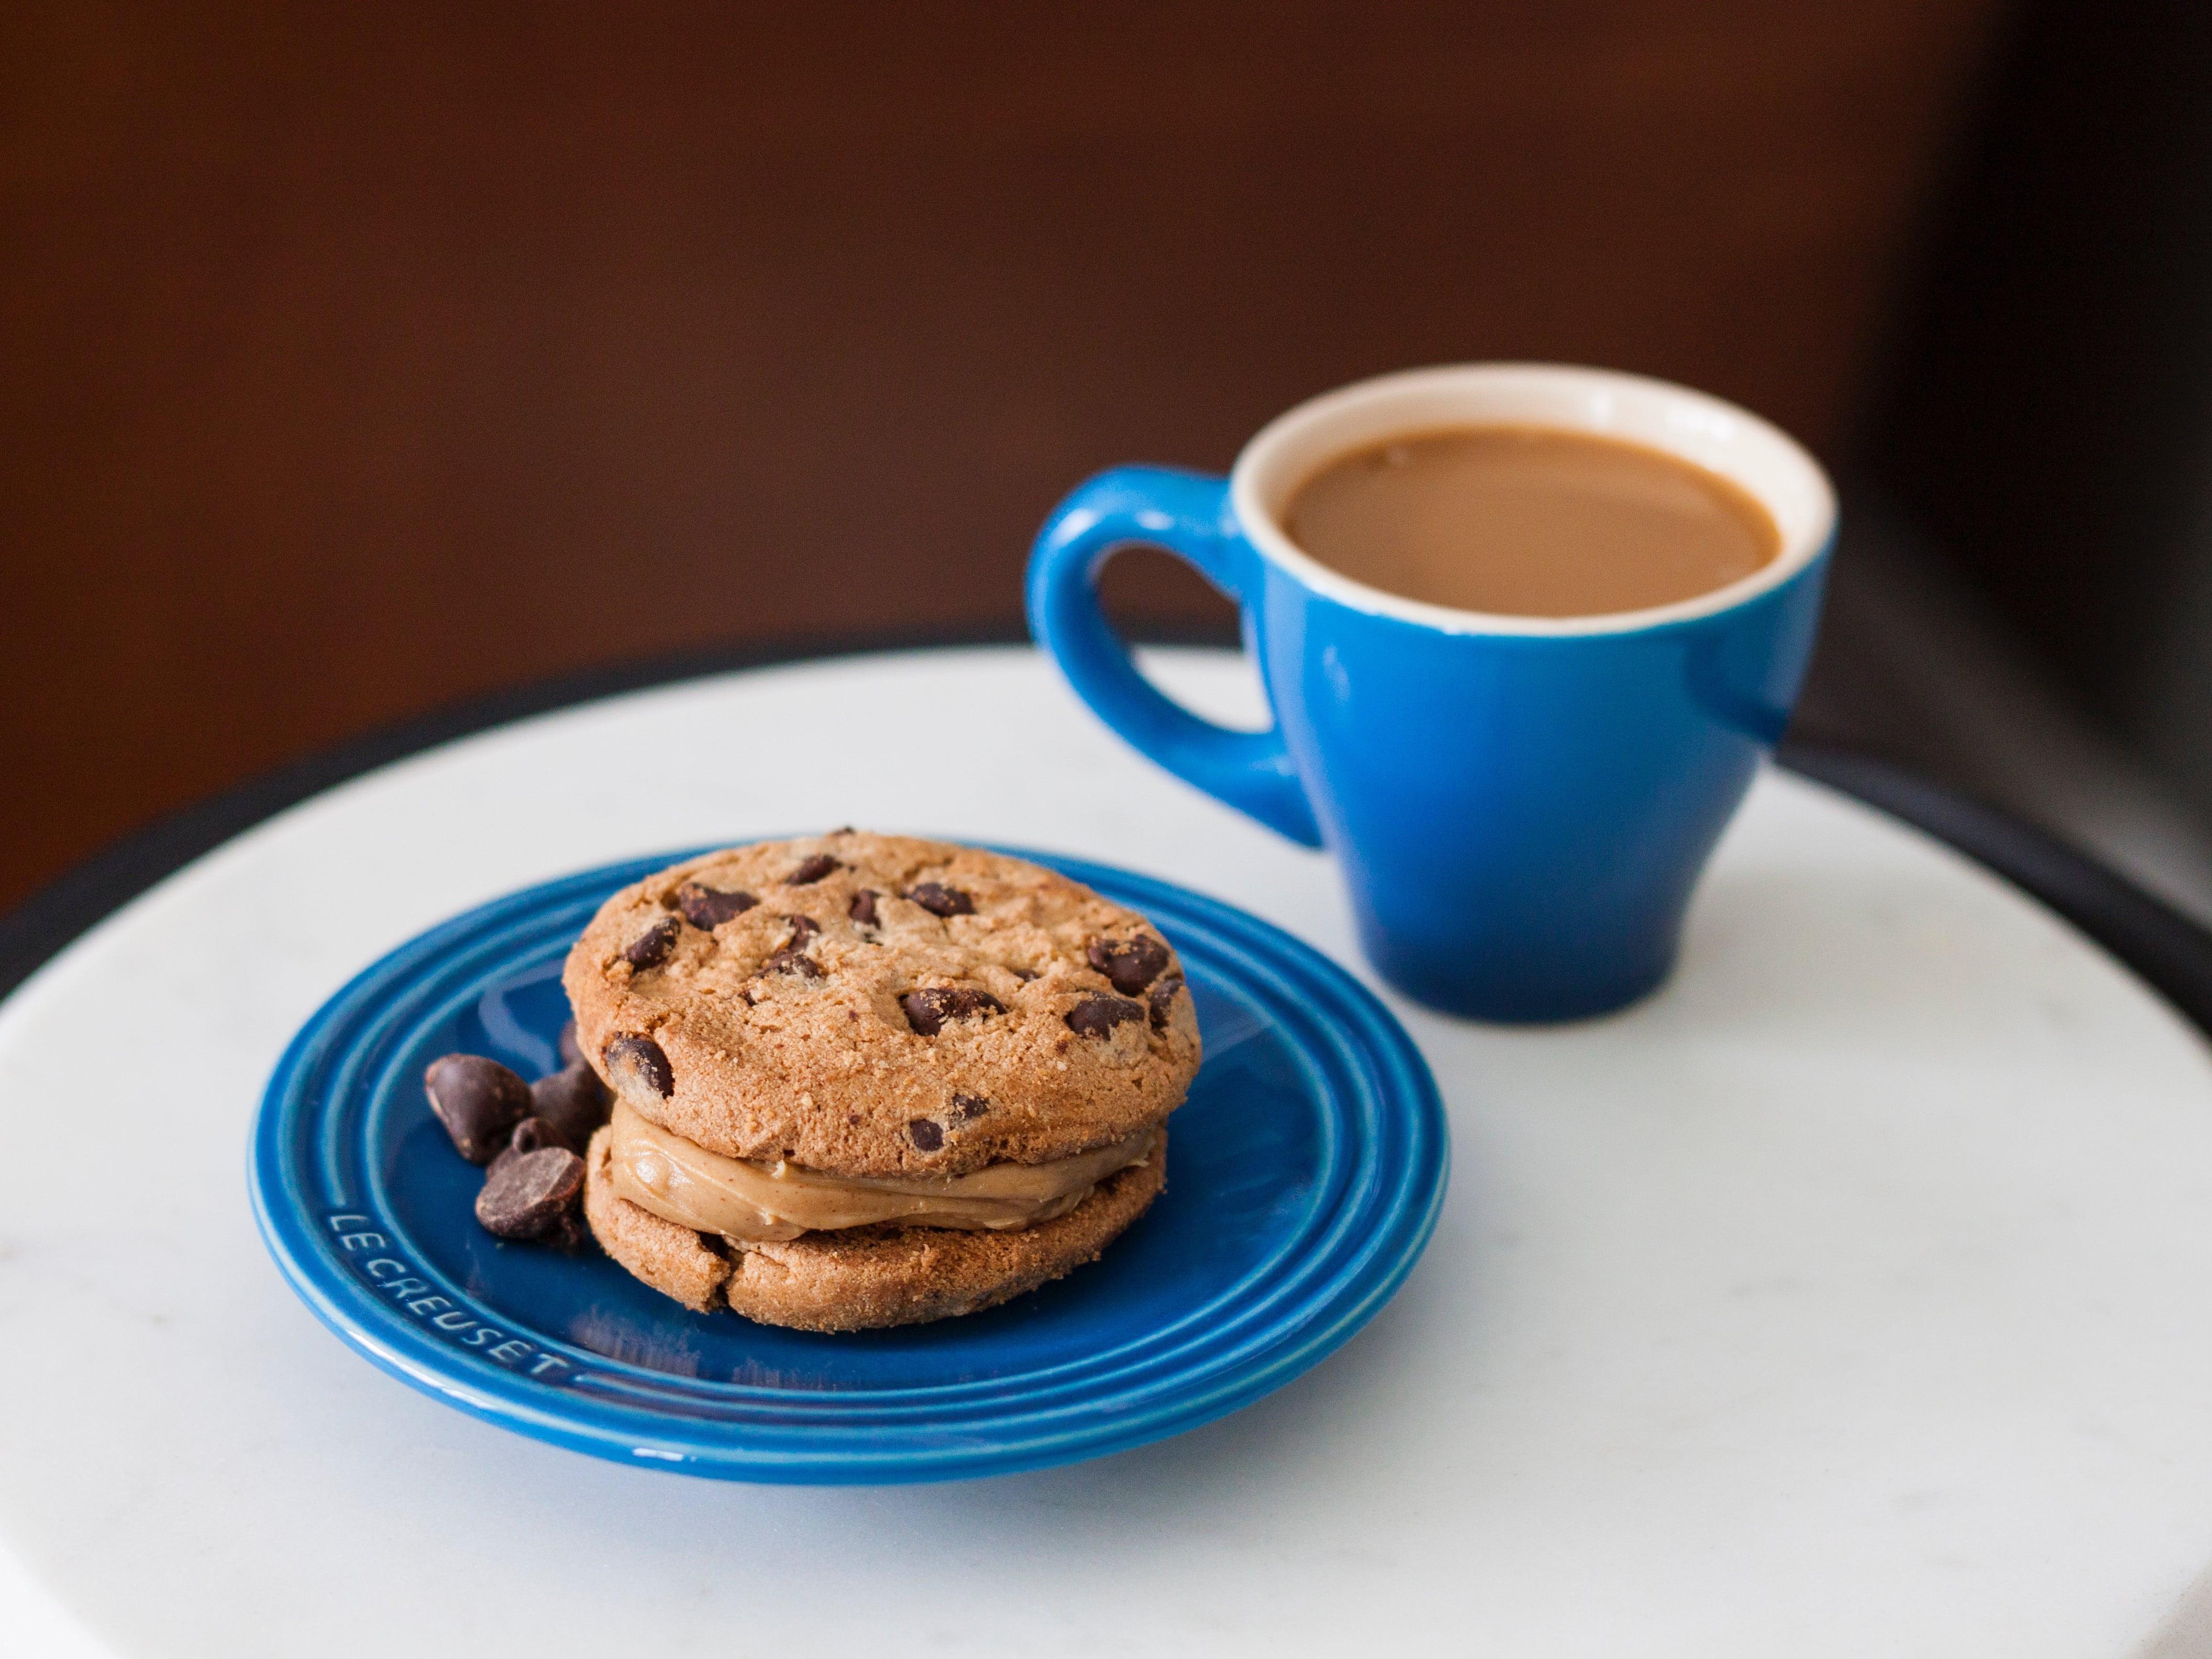 Alldesign bietet eine Lösung für Cookie-Banner, die allen Internet-Nutzern schmeckt.